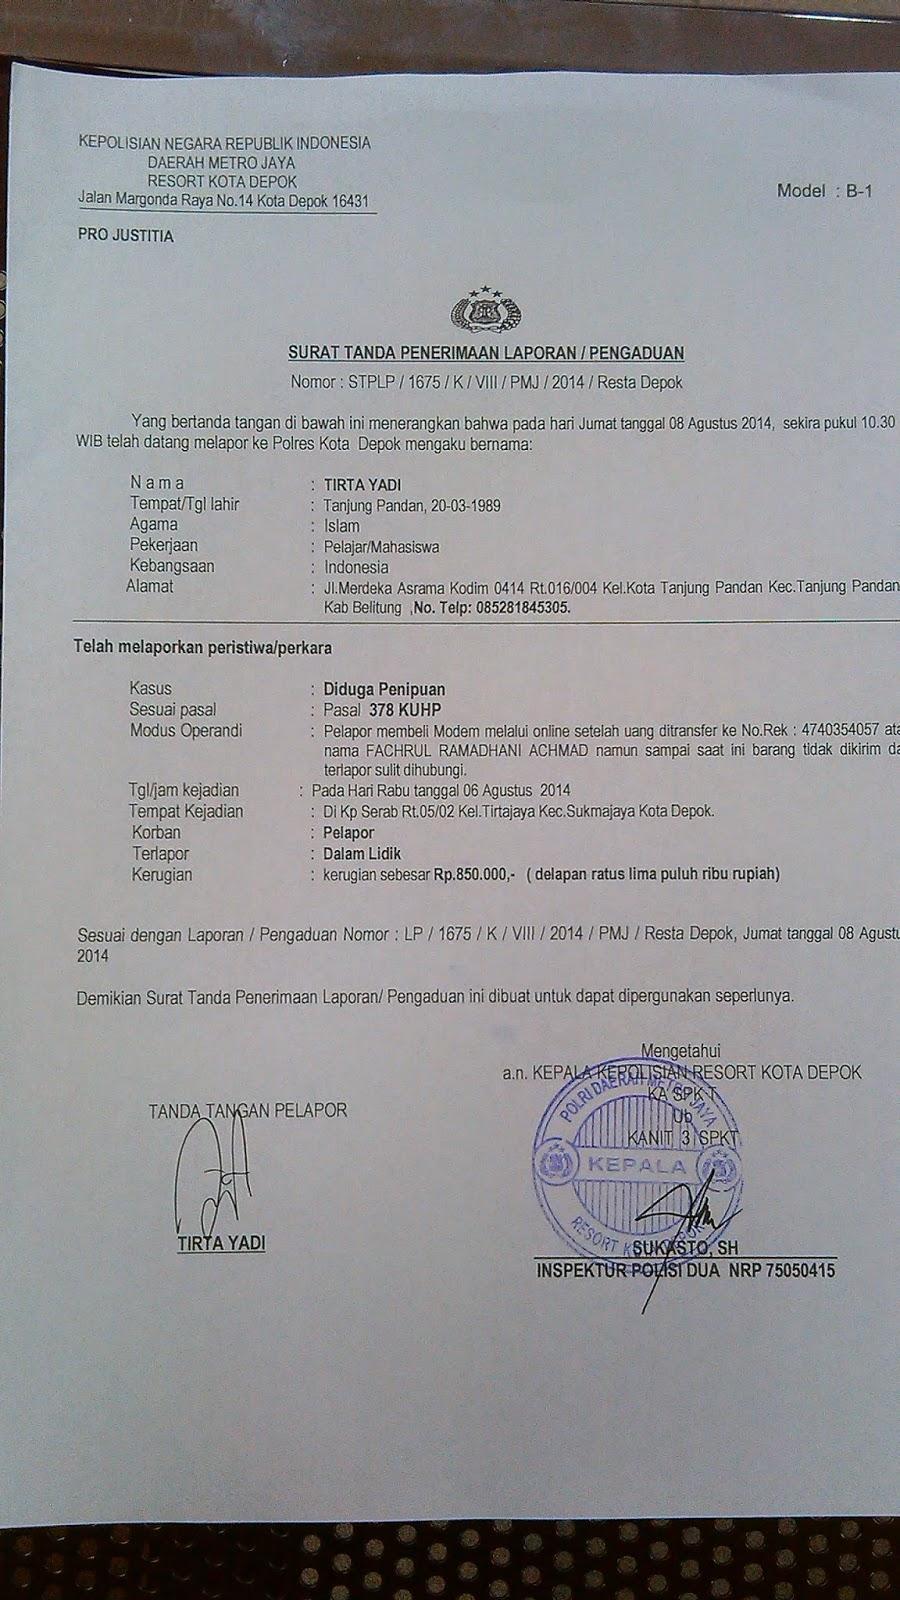 Cara Blokir Rekening Penipu : blokir, rekening, penipu, Souvenirs, Indonesia:, Blokir, Rekening, Penipu, Online, Shopping